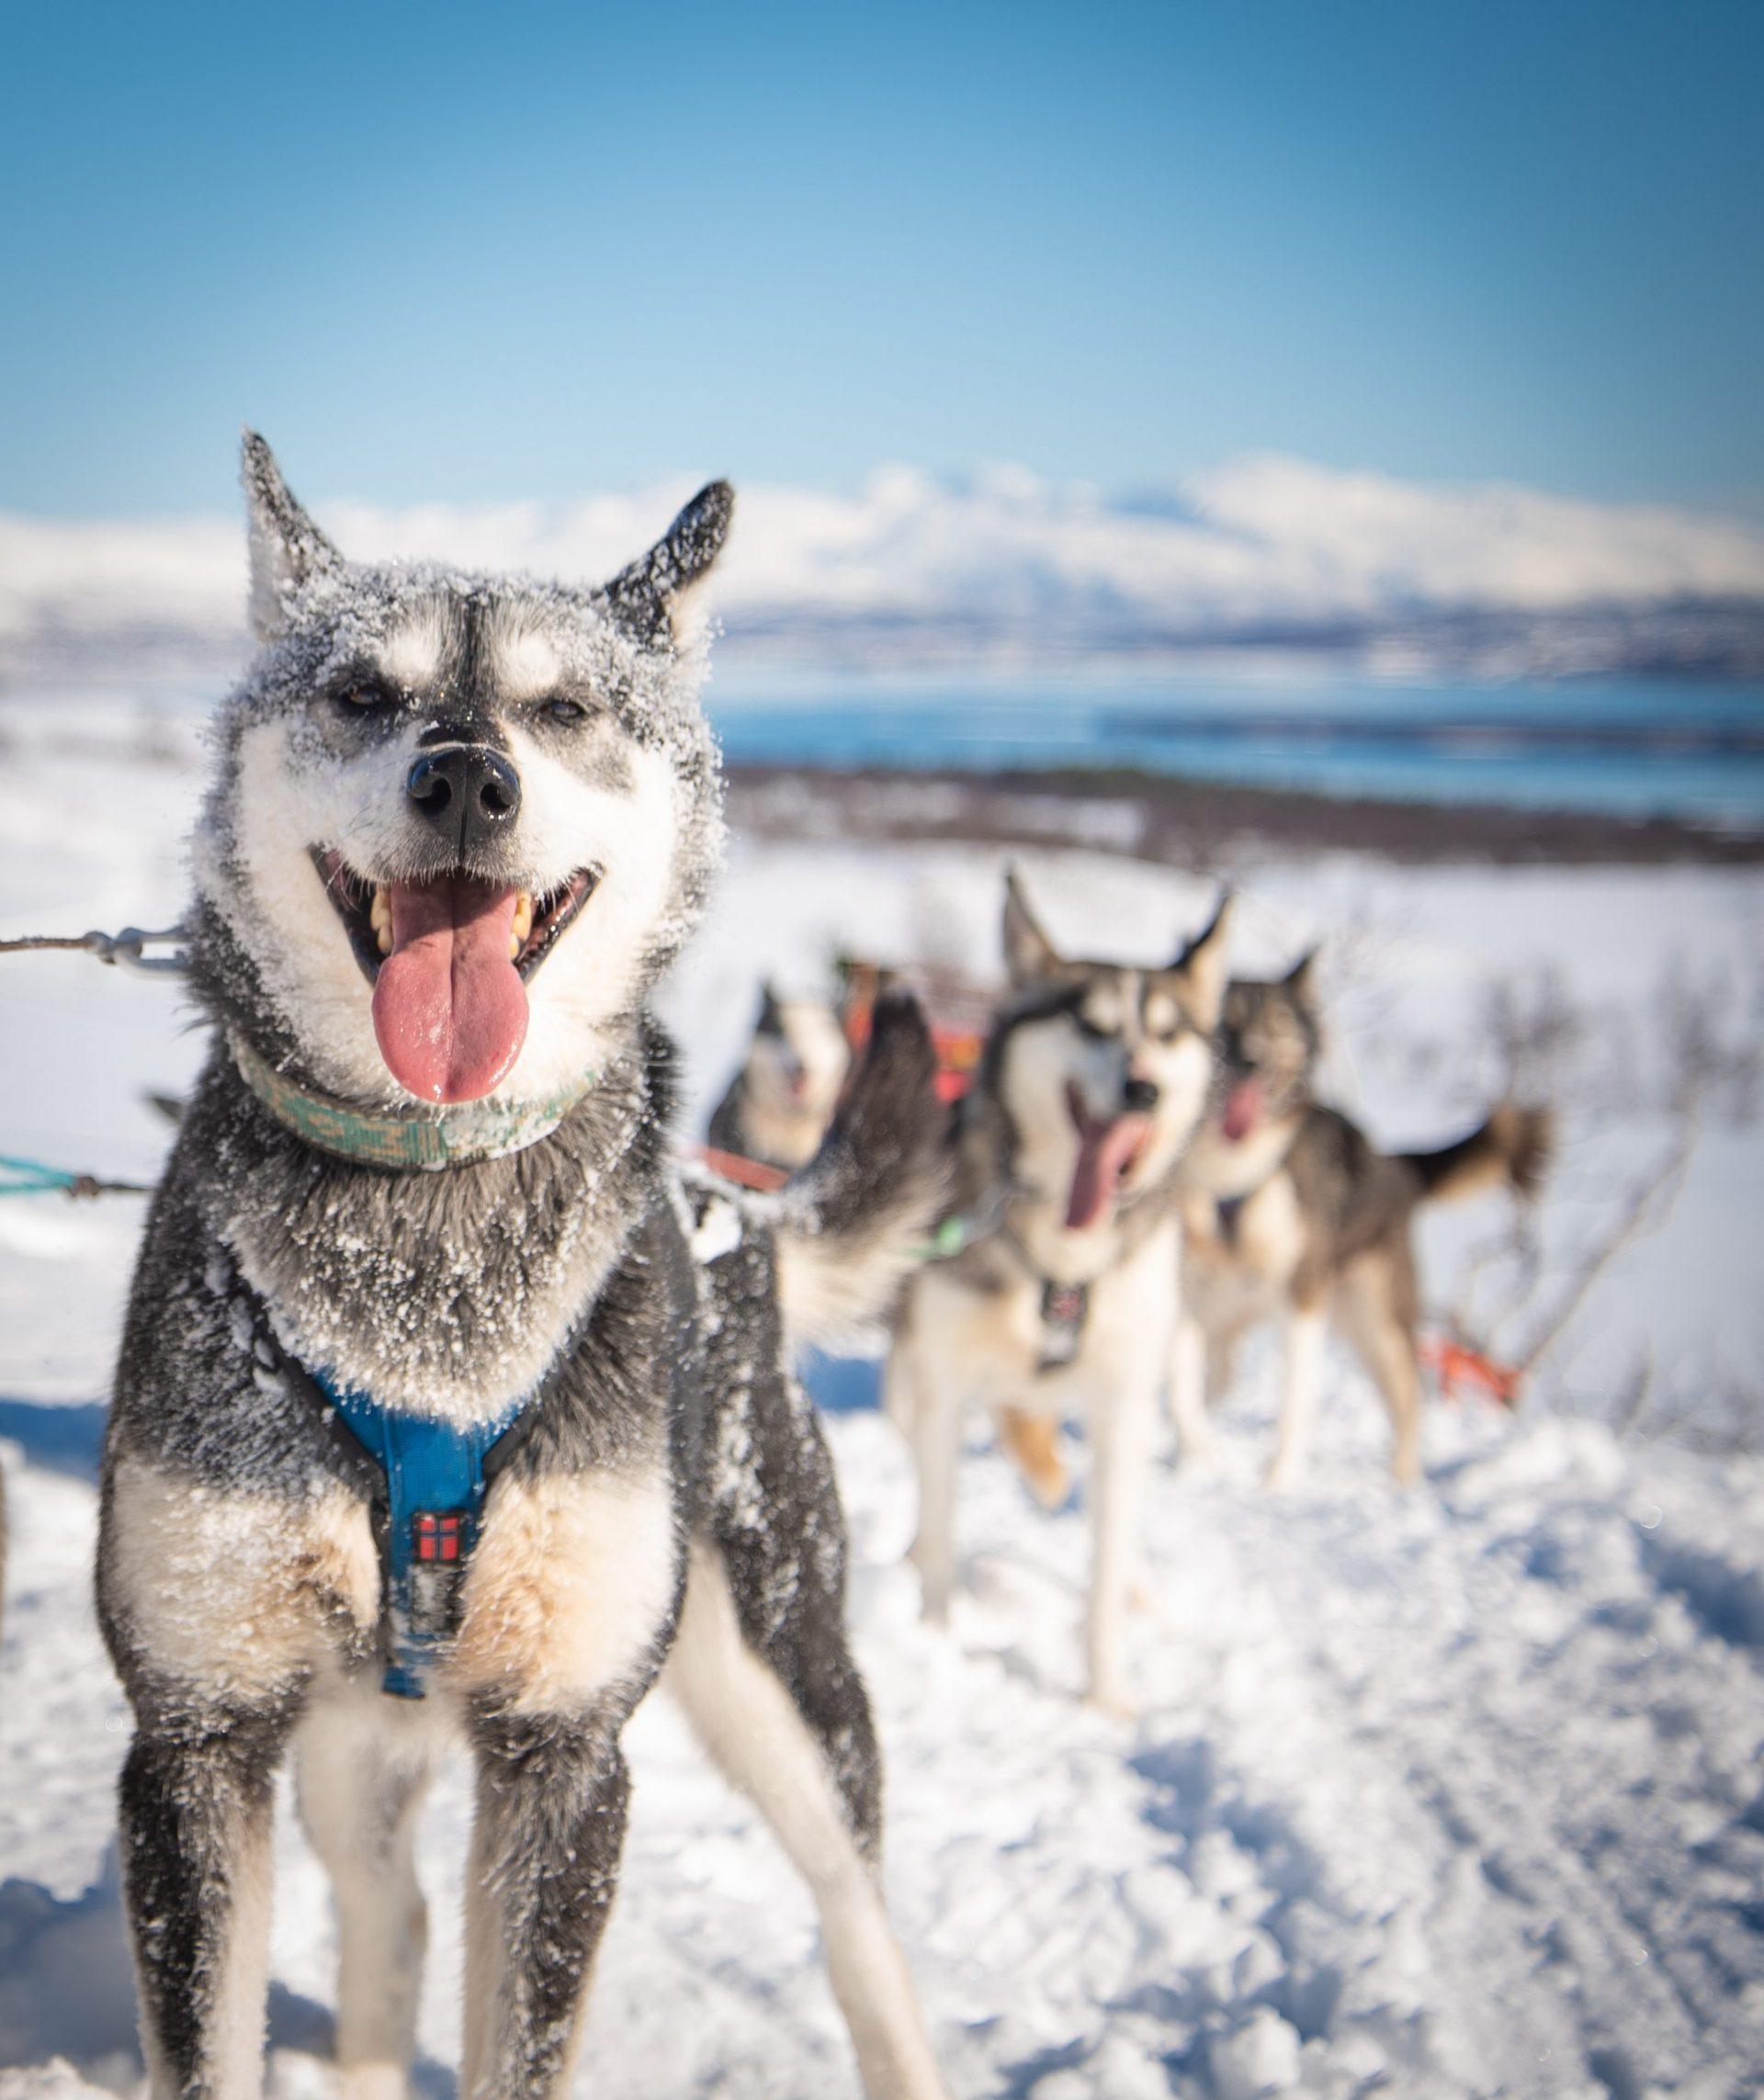 Kari the husky covered in snow